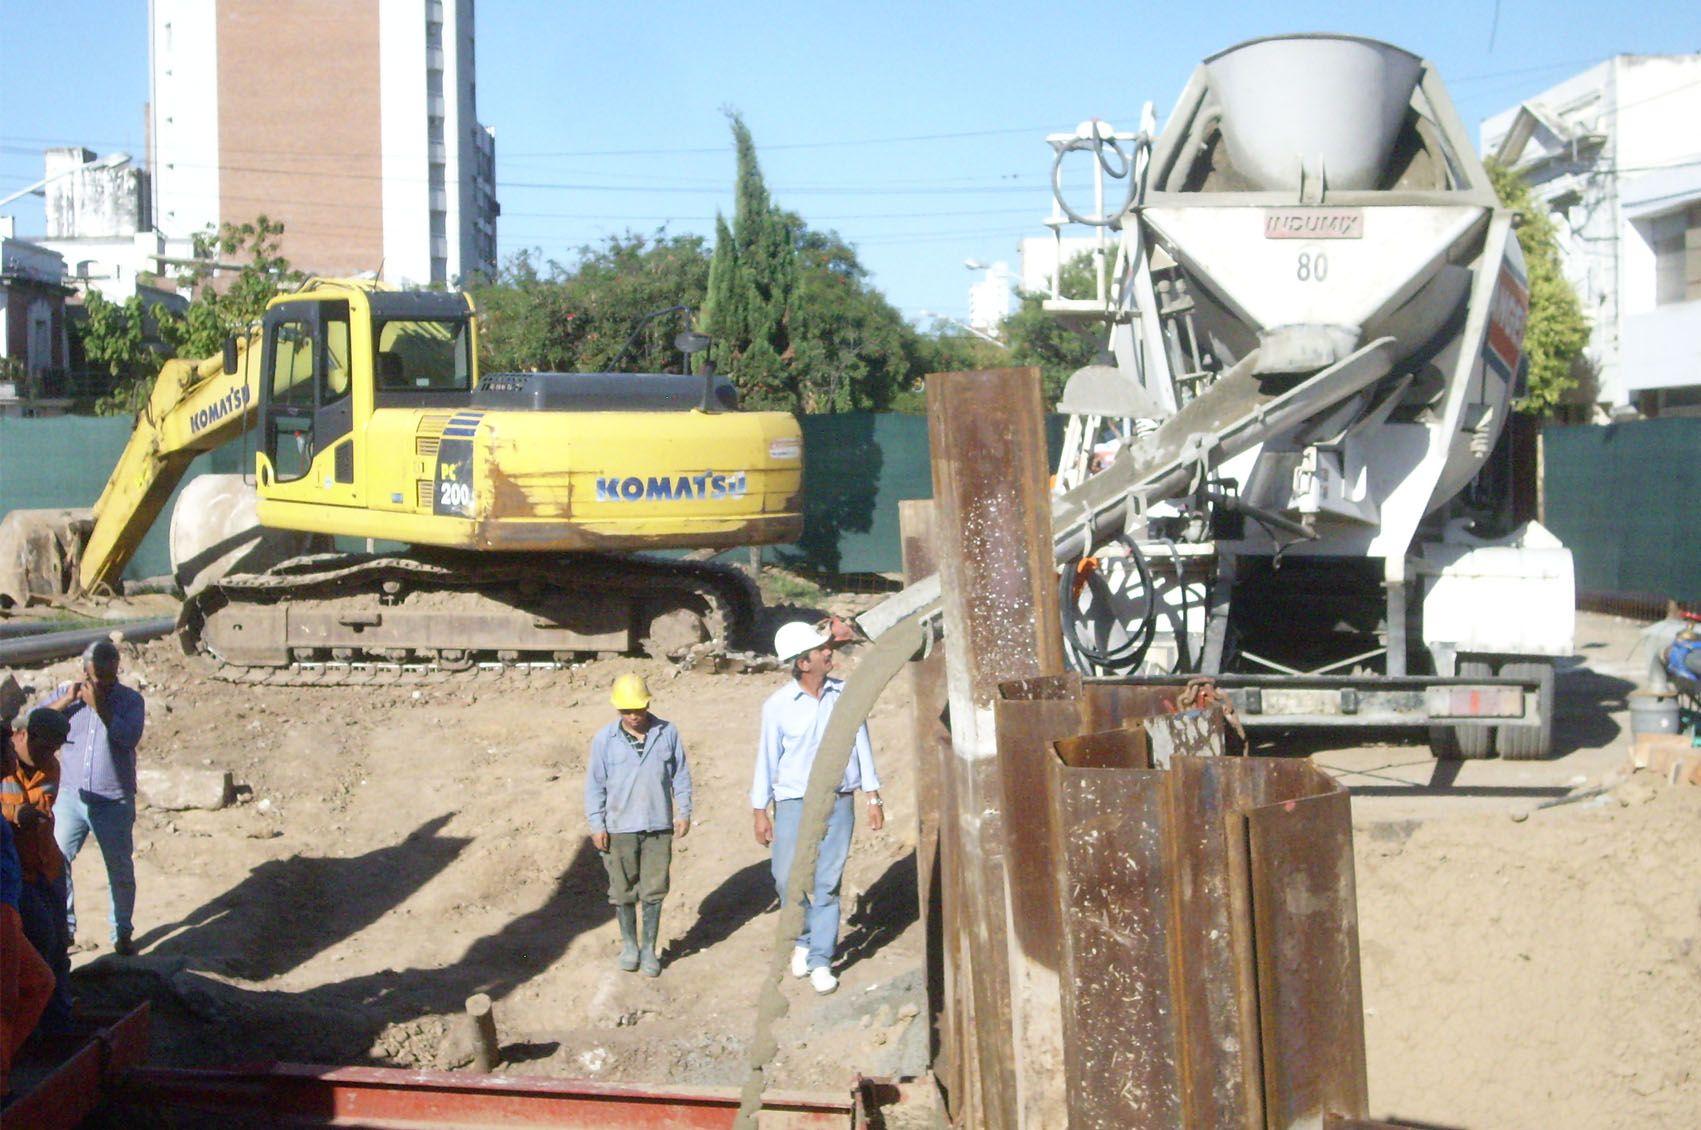 Avanza a buen ritmo el trabajo de Assa en el socavón de Bulevar y Urquiza